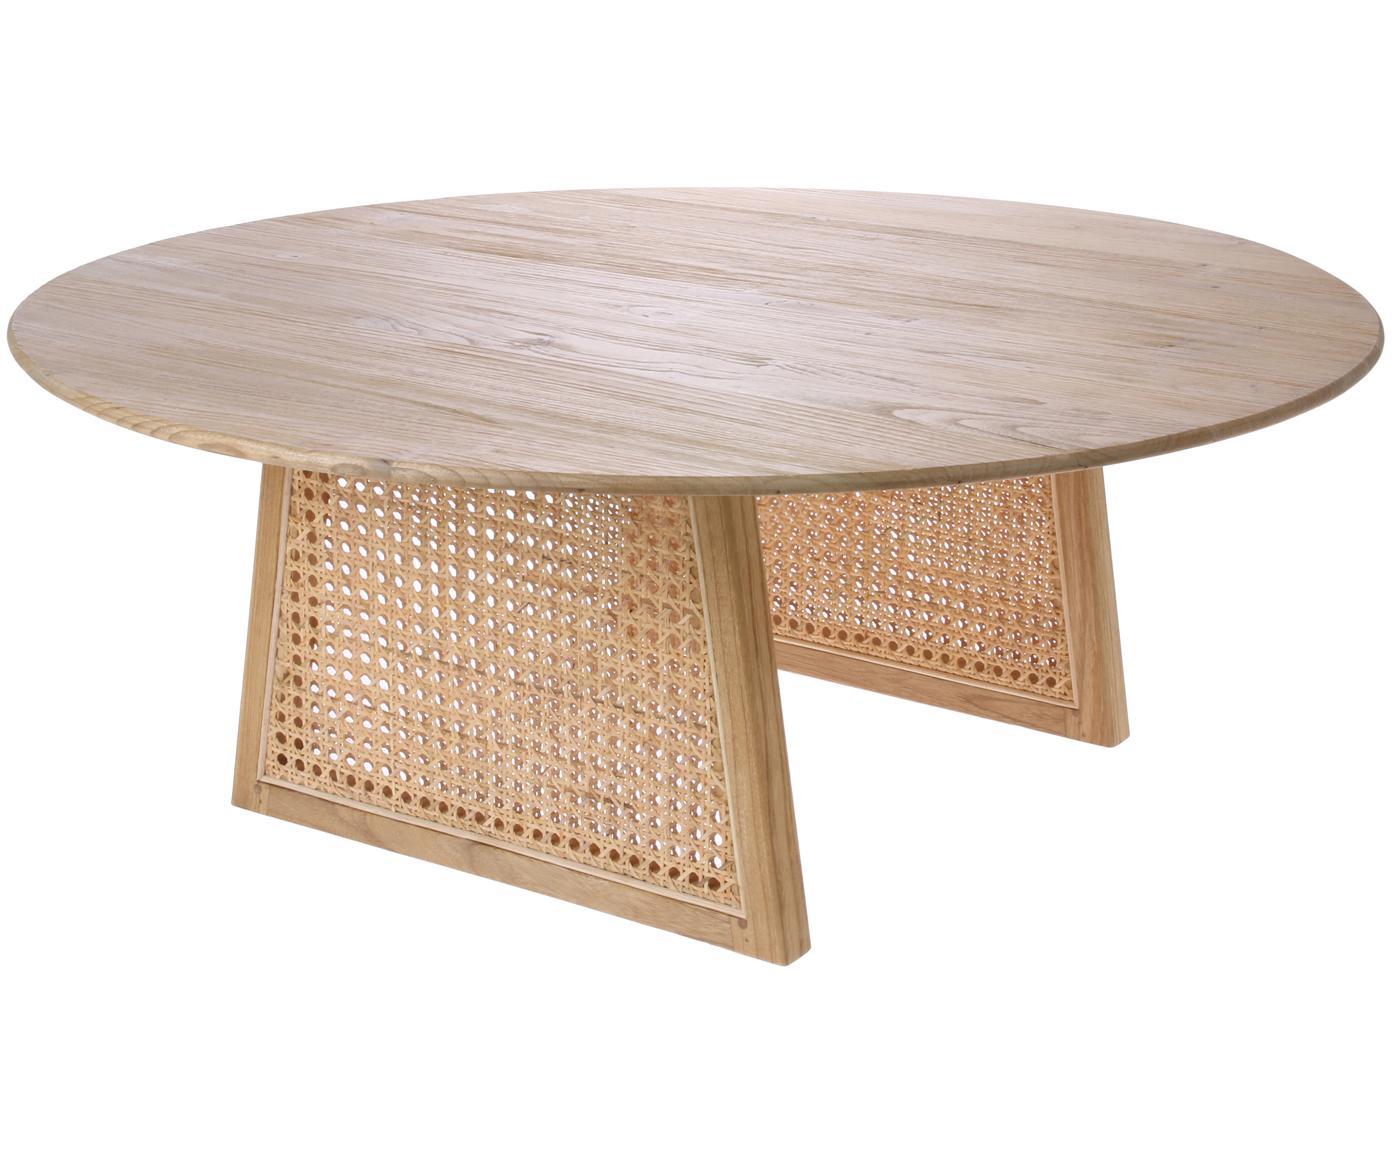 Tavolino da salotto rotondo in vimini Retro, Intreccio viennese: rattan, Legno sunkai, Ø 80 x Alt. 30 cm